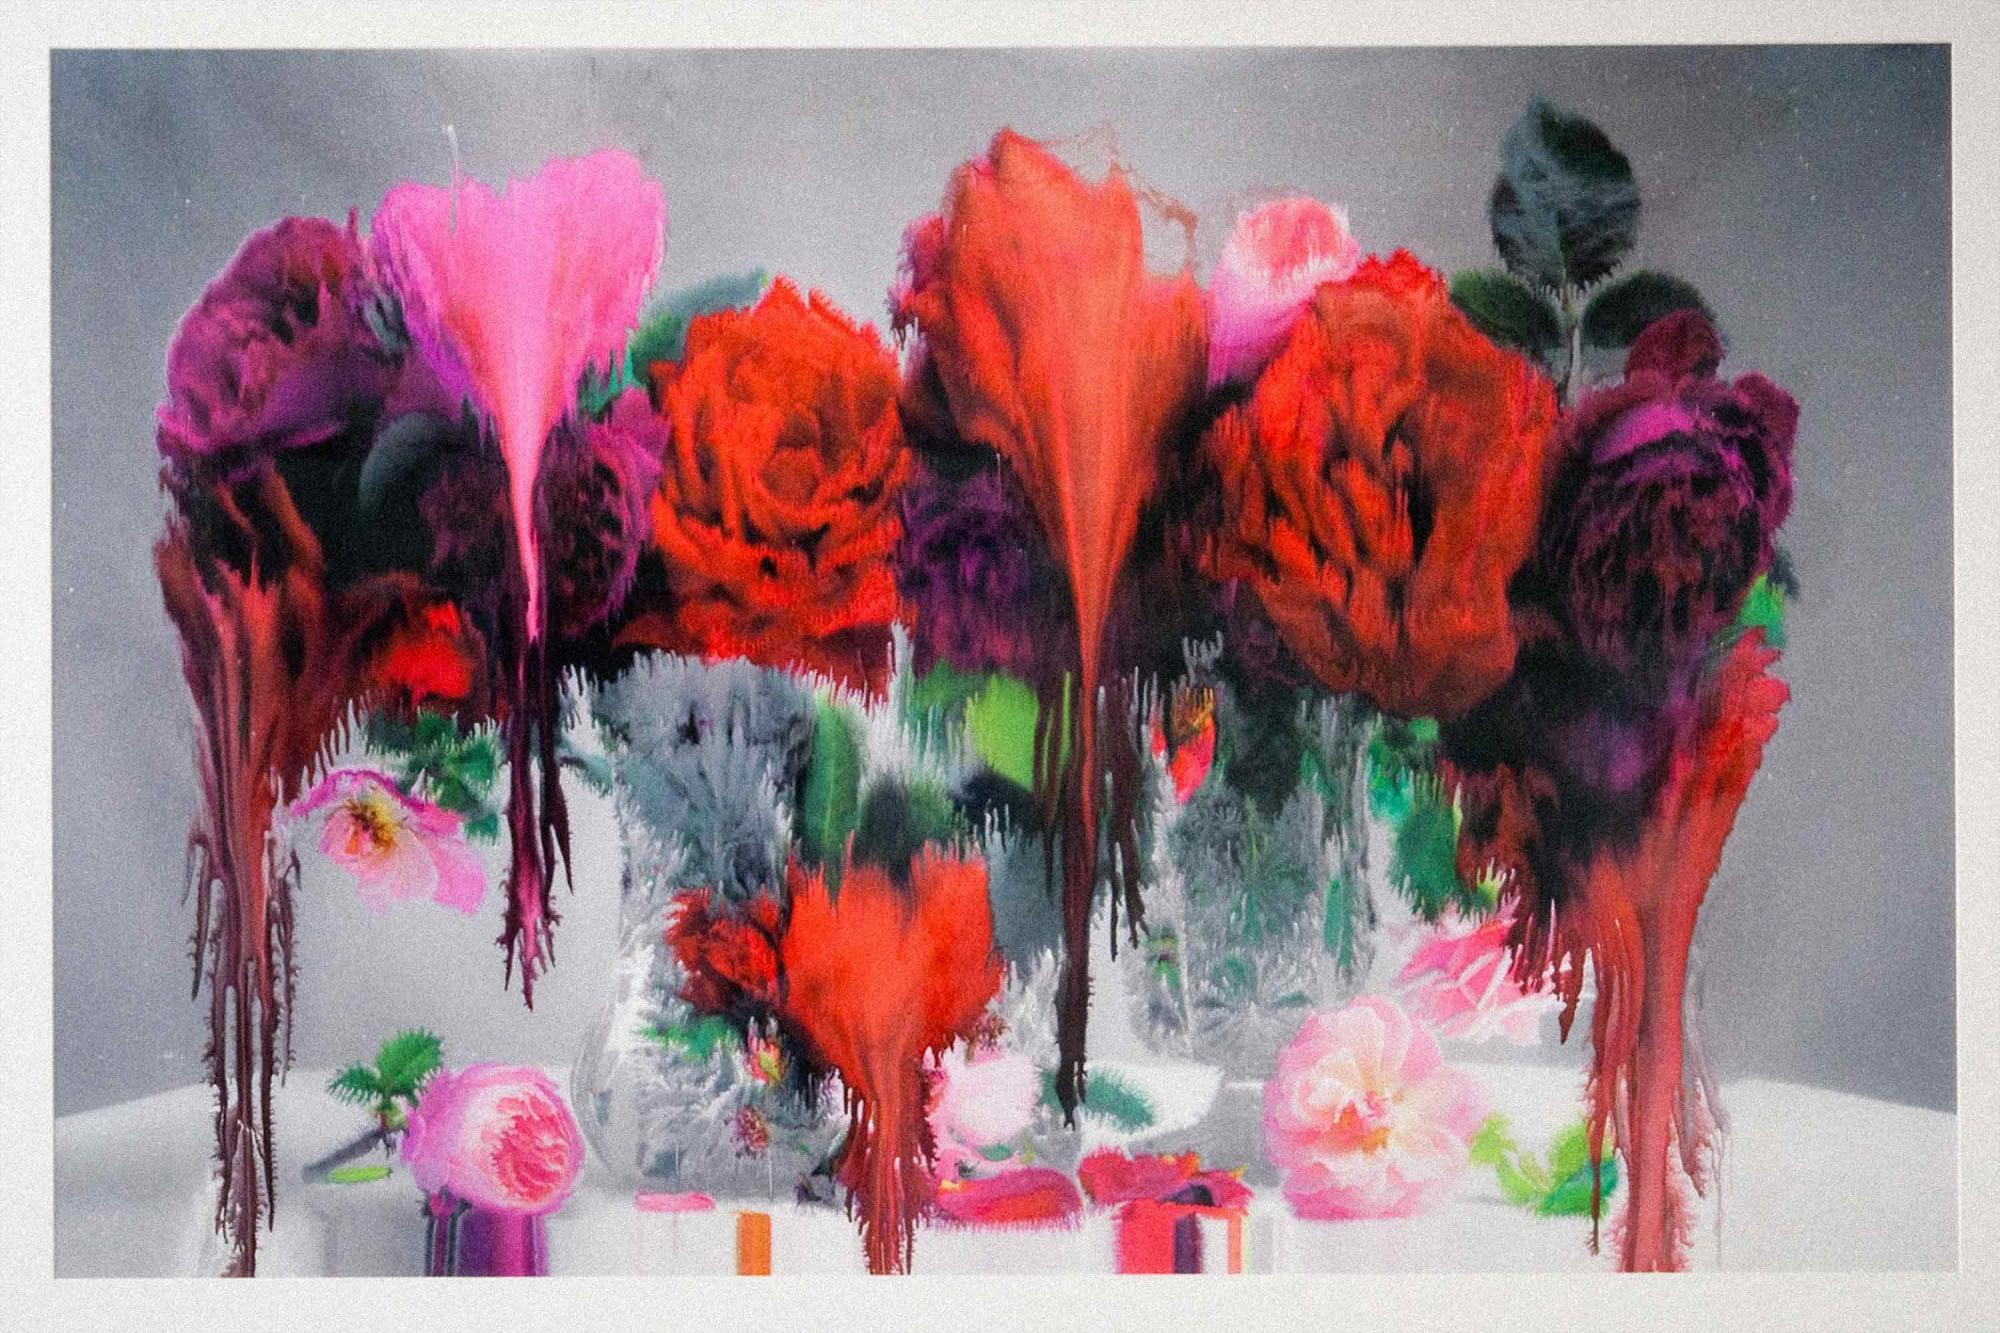 Nick Knight Flora - Image 2 - L' Art - PANAMY envoyer des fleurs en Suisse, Geneve